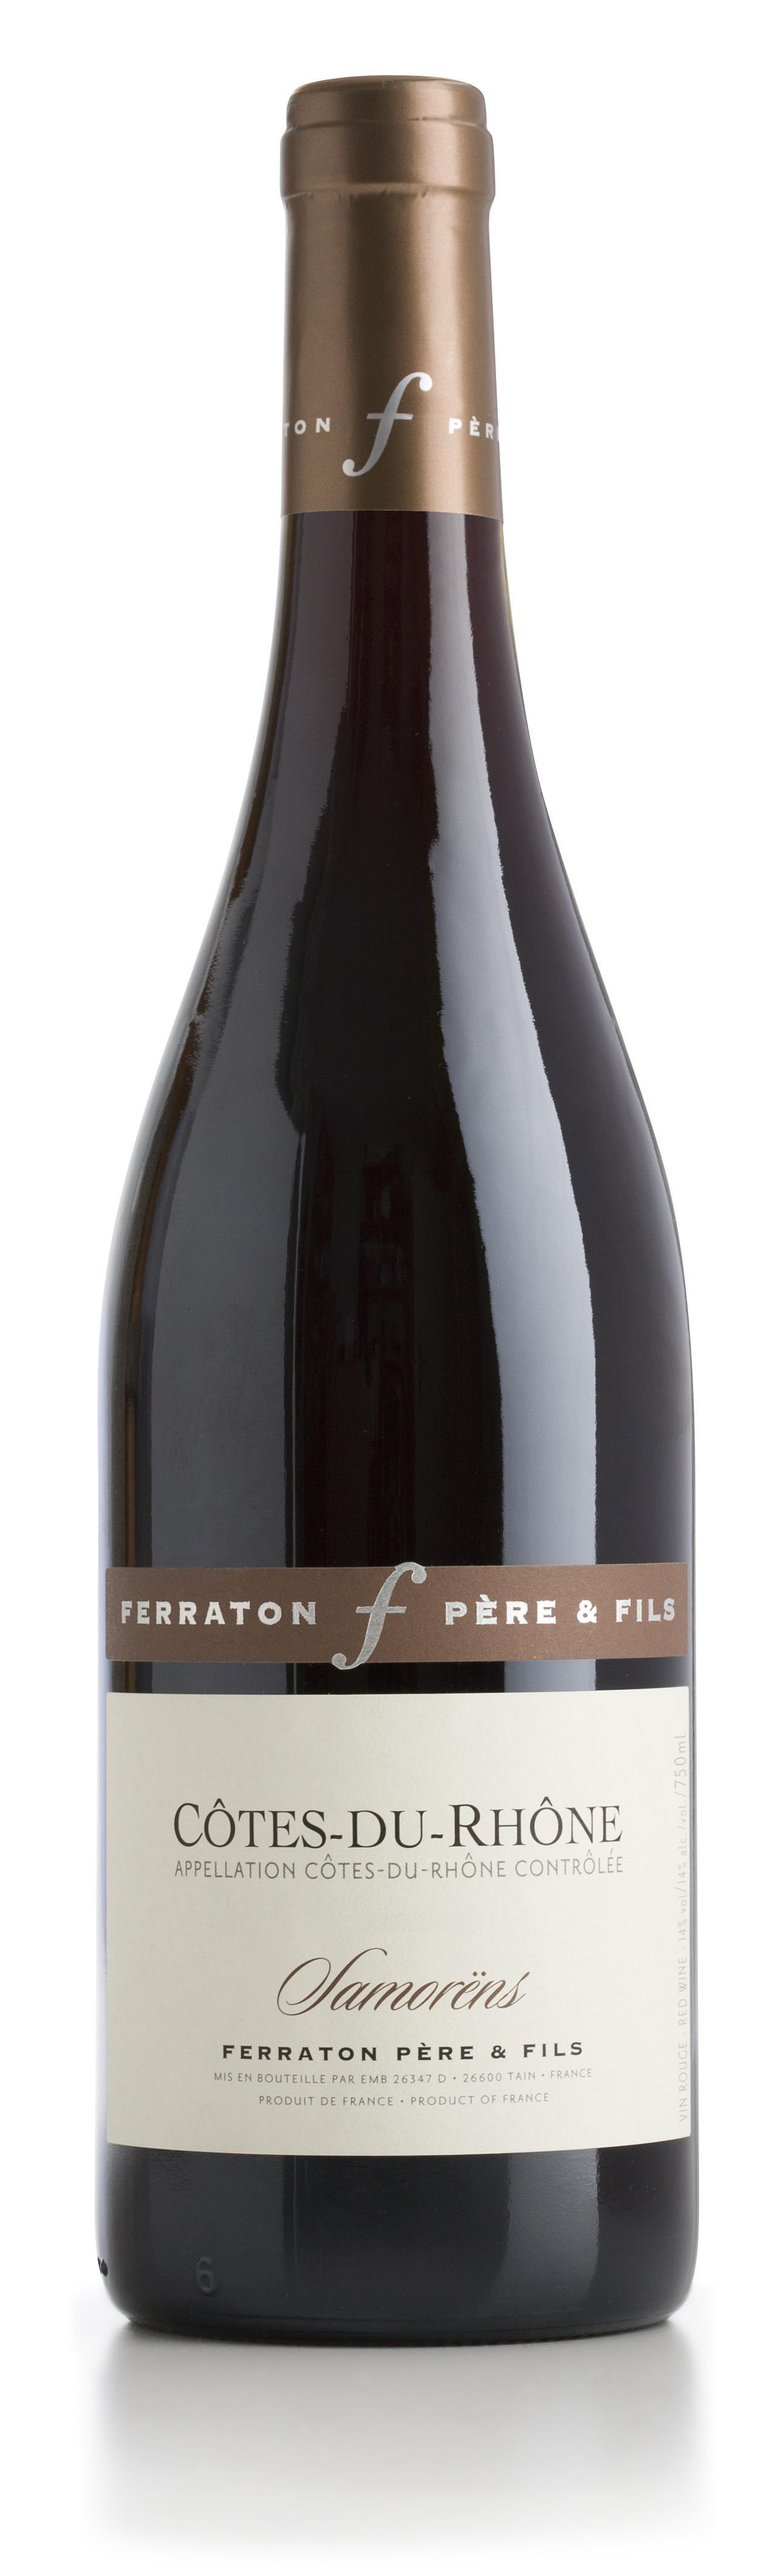 FER-Samorens rouge.JPG